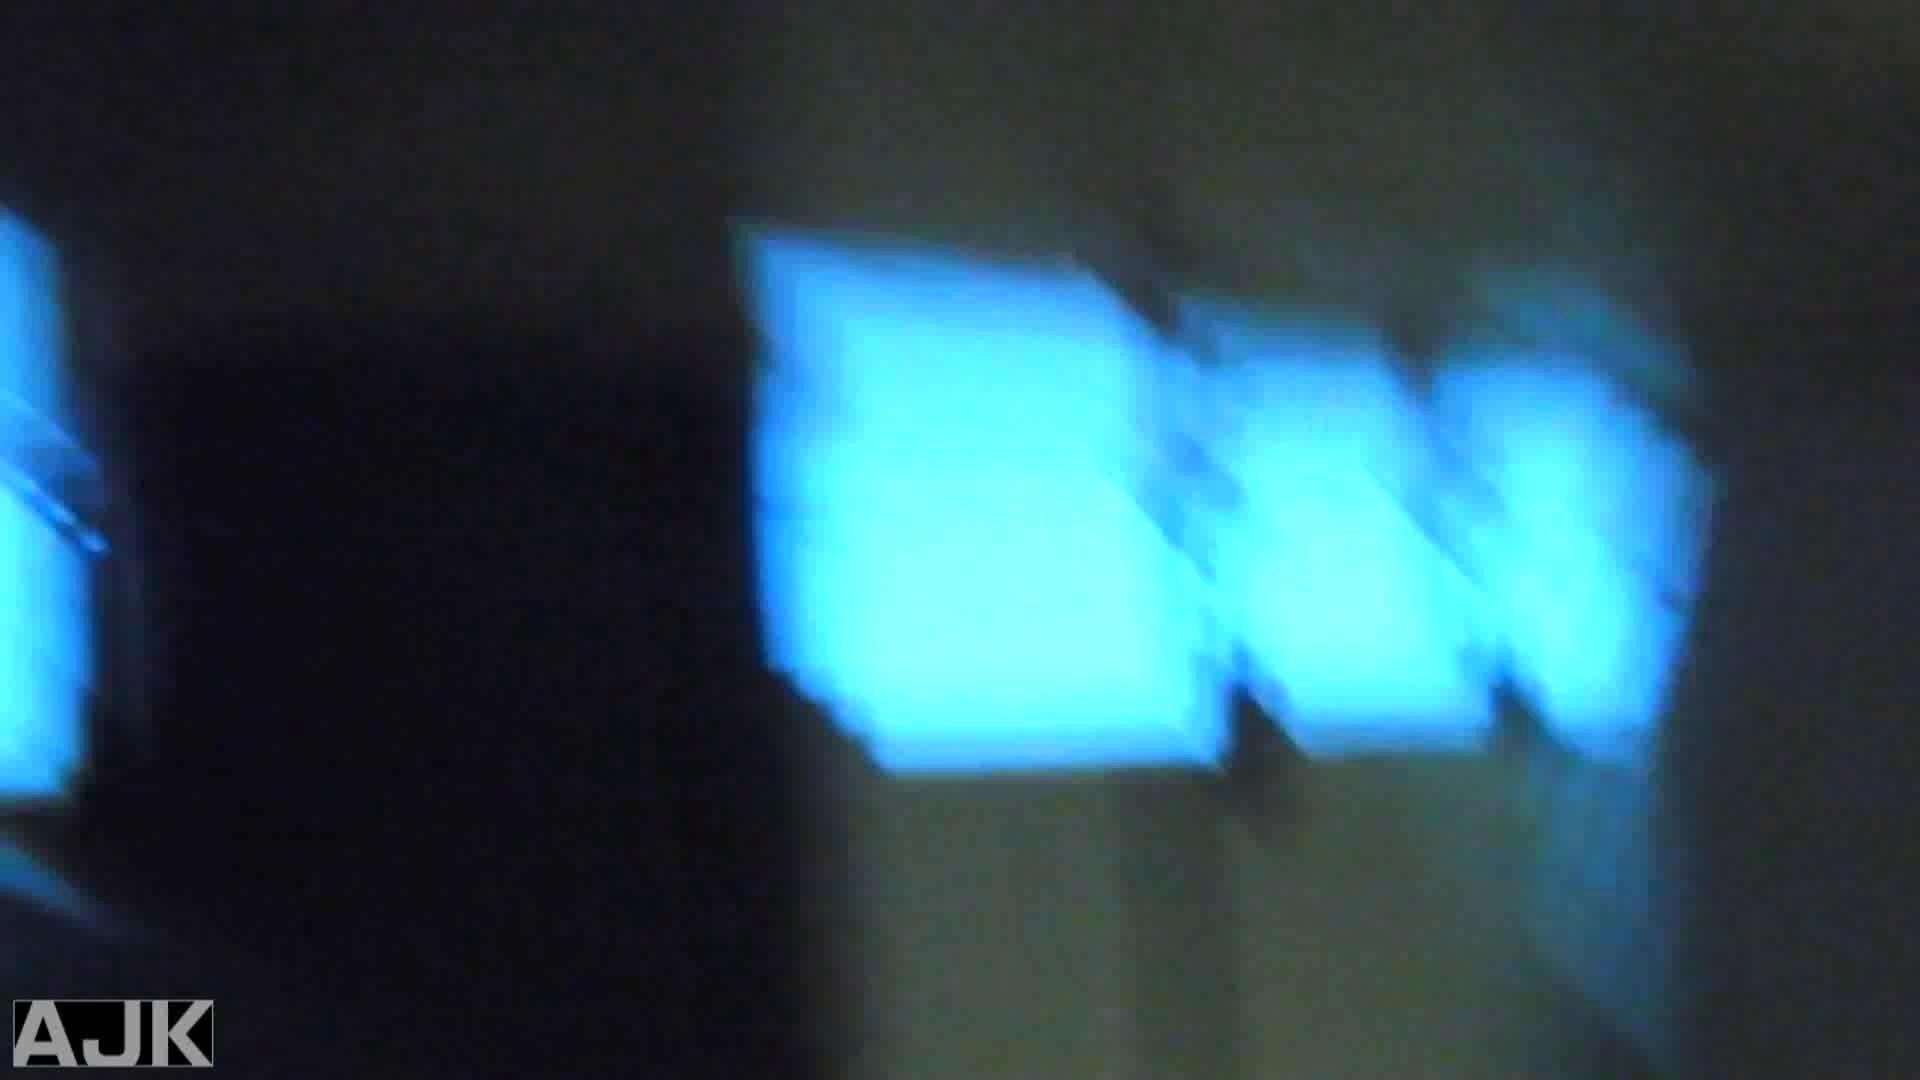 神降臨!史上最強の潜入かわや! vol.21 肛門丸見え スケベ動画紹介 103pic 97